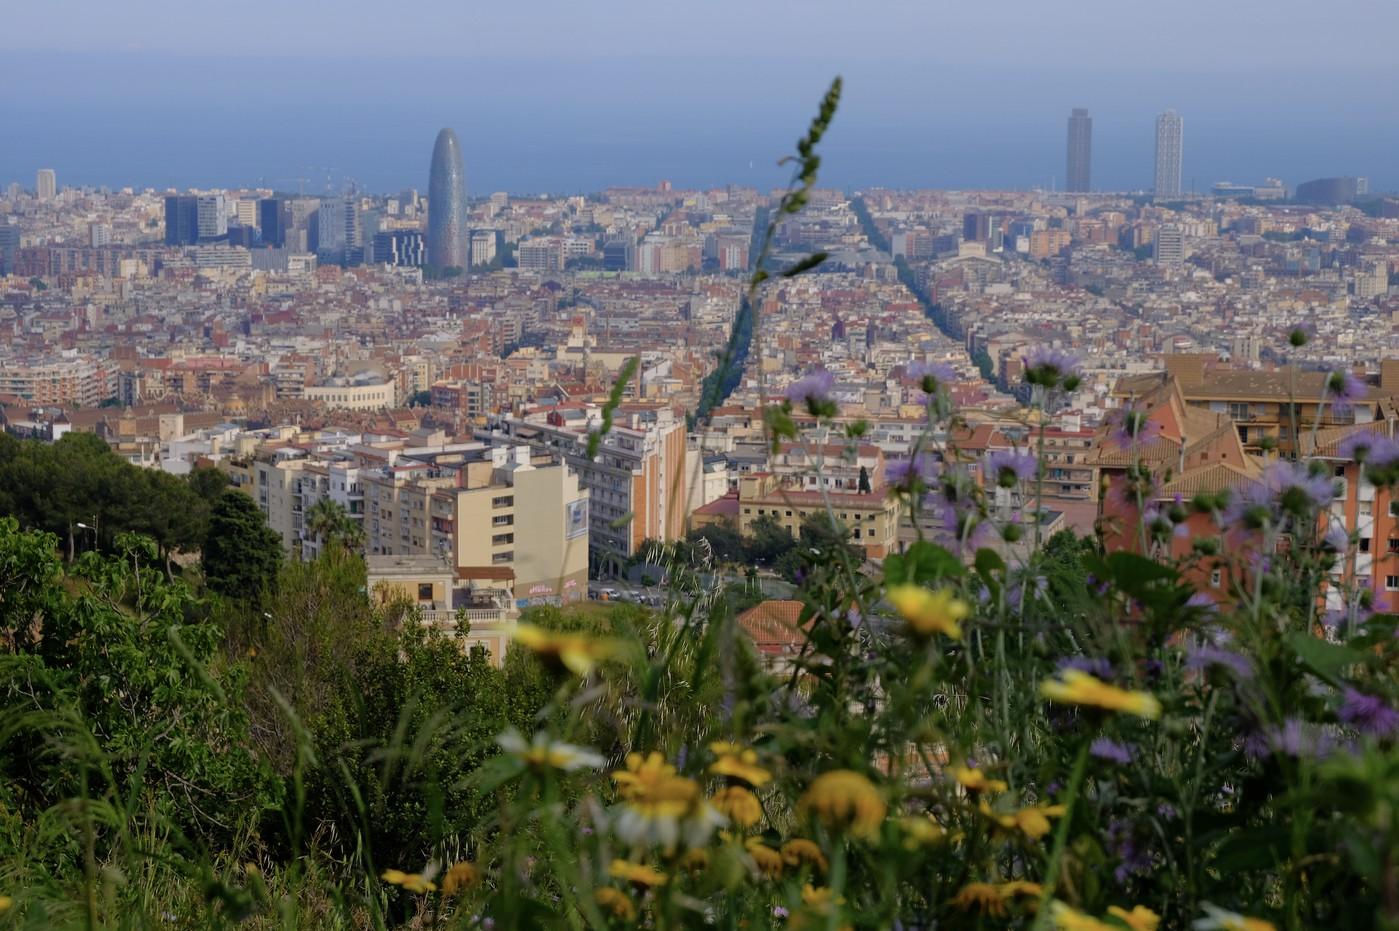 Барселона классная, но похоже не для работы в IT (может потом?)